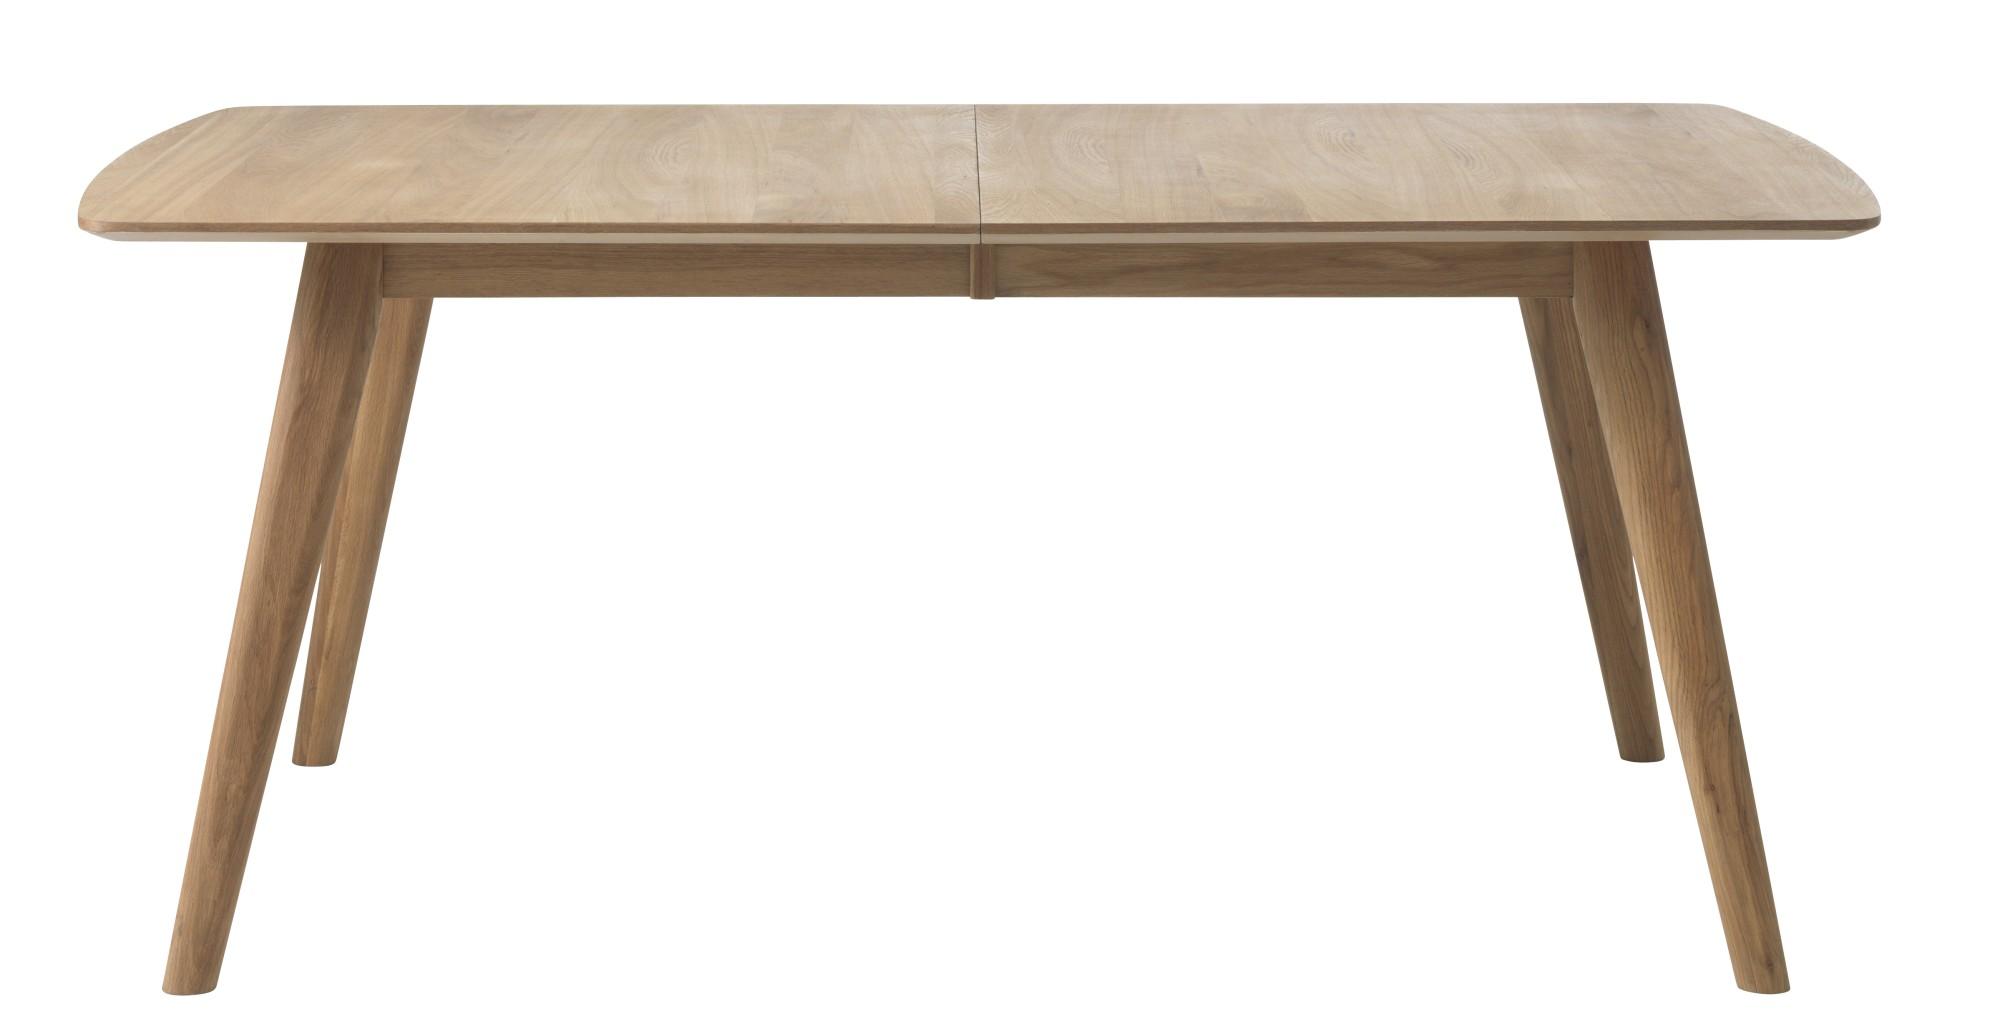 Full Size of Esszimmertisch Rhoda 100x180 270 Kchentisch Esstisch Holz Tisch Modern Kleiner Weiß Pendelleuchte Kernbuche Glas Grau Rustikal Massiv Ausziehbar Runder Esstische Esstisch Ausziehbar